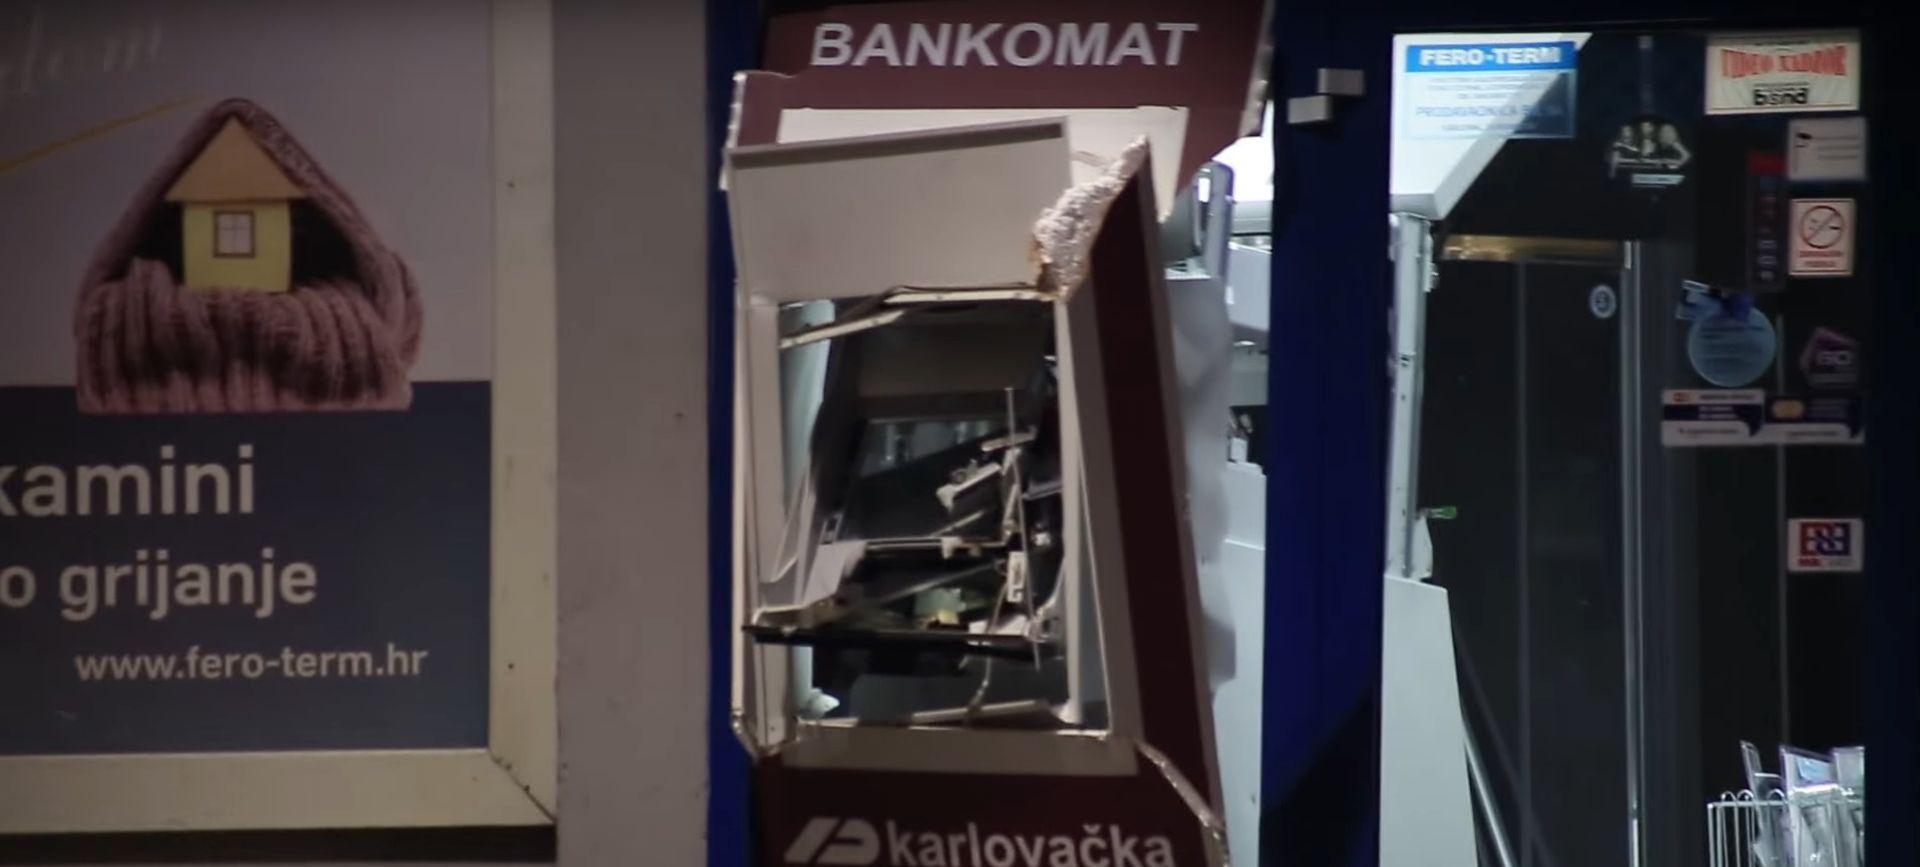 VIDEO: Pogledajte pljačku bankomata u Karlovcu